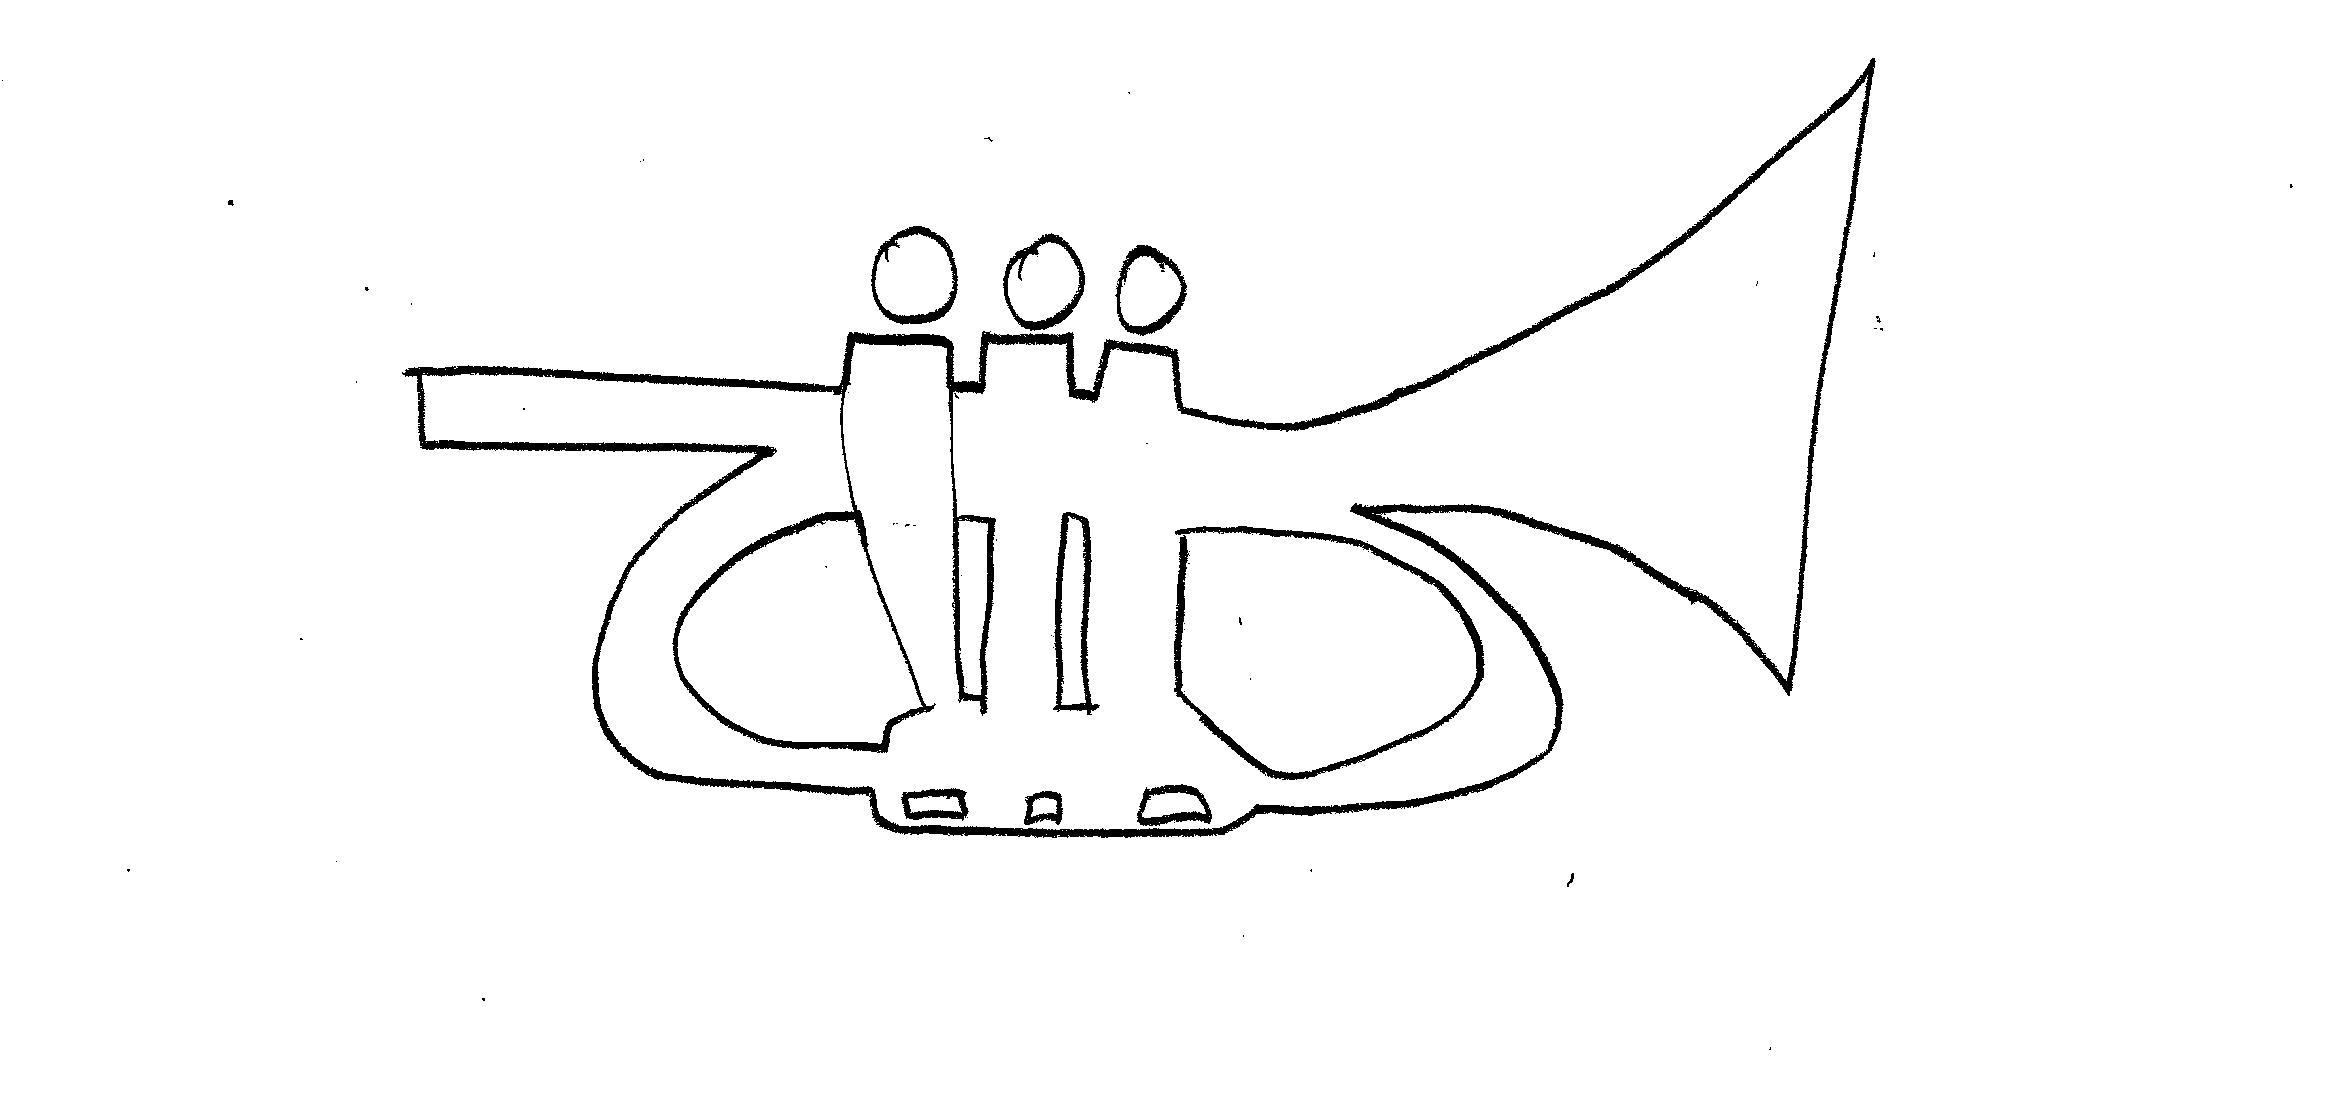 Trombetta 784 210 Solenoid Wiring Diagram Wiring